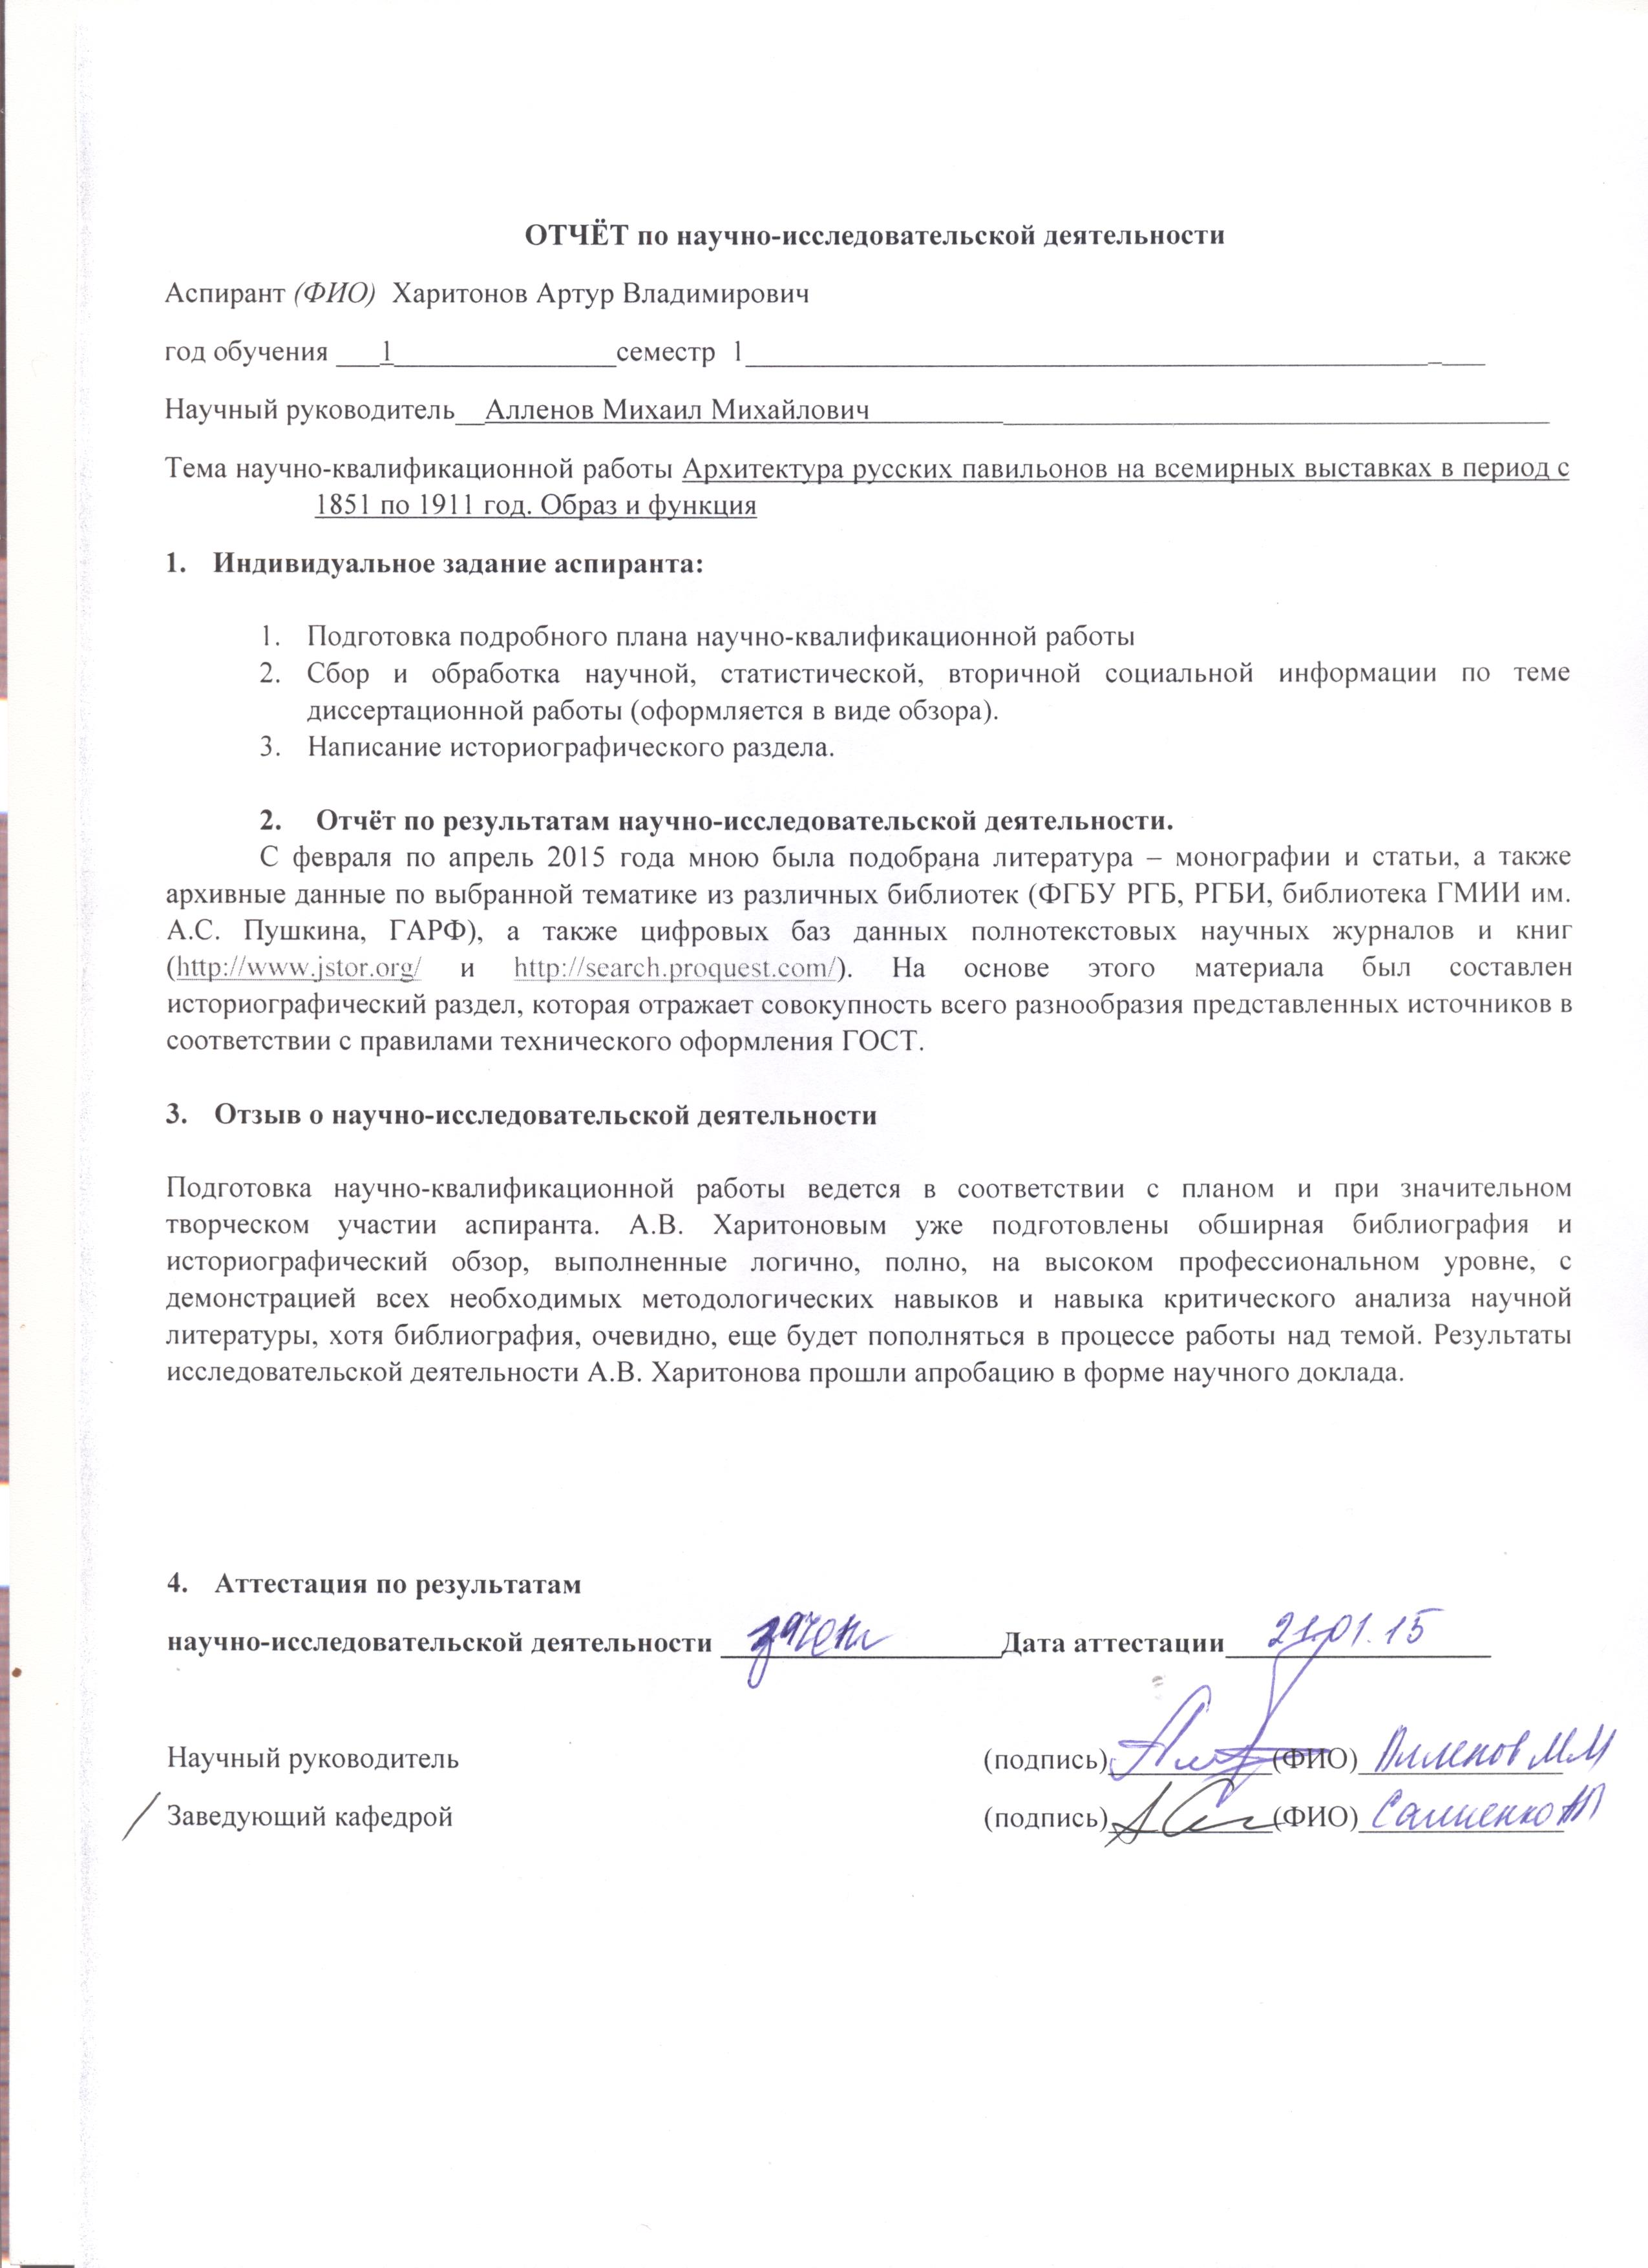 Харитонов Артур Владимирович пользователь сотрудник ИСТИНА  Отчет по исследовательской практике 1 2 · Отчет по педагогической практике 1 2 · Отчет по исследовательской практике 1 2